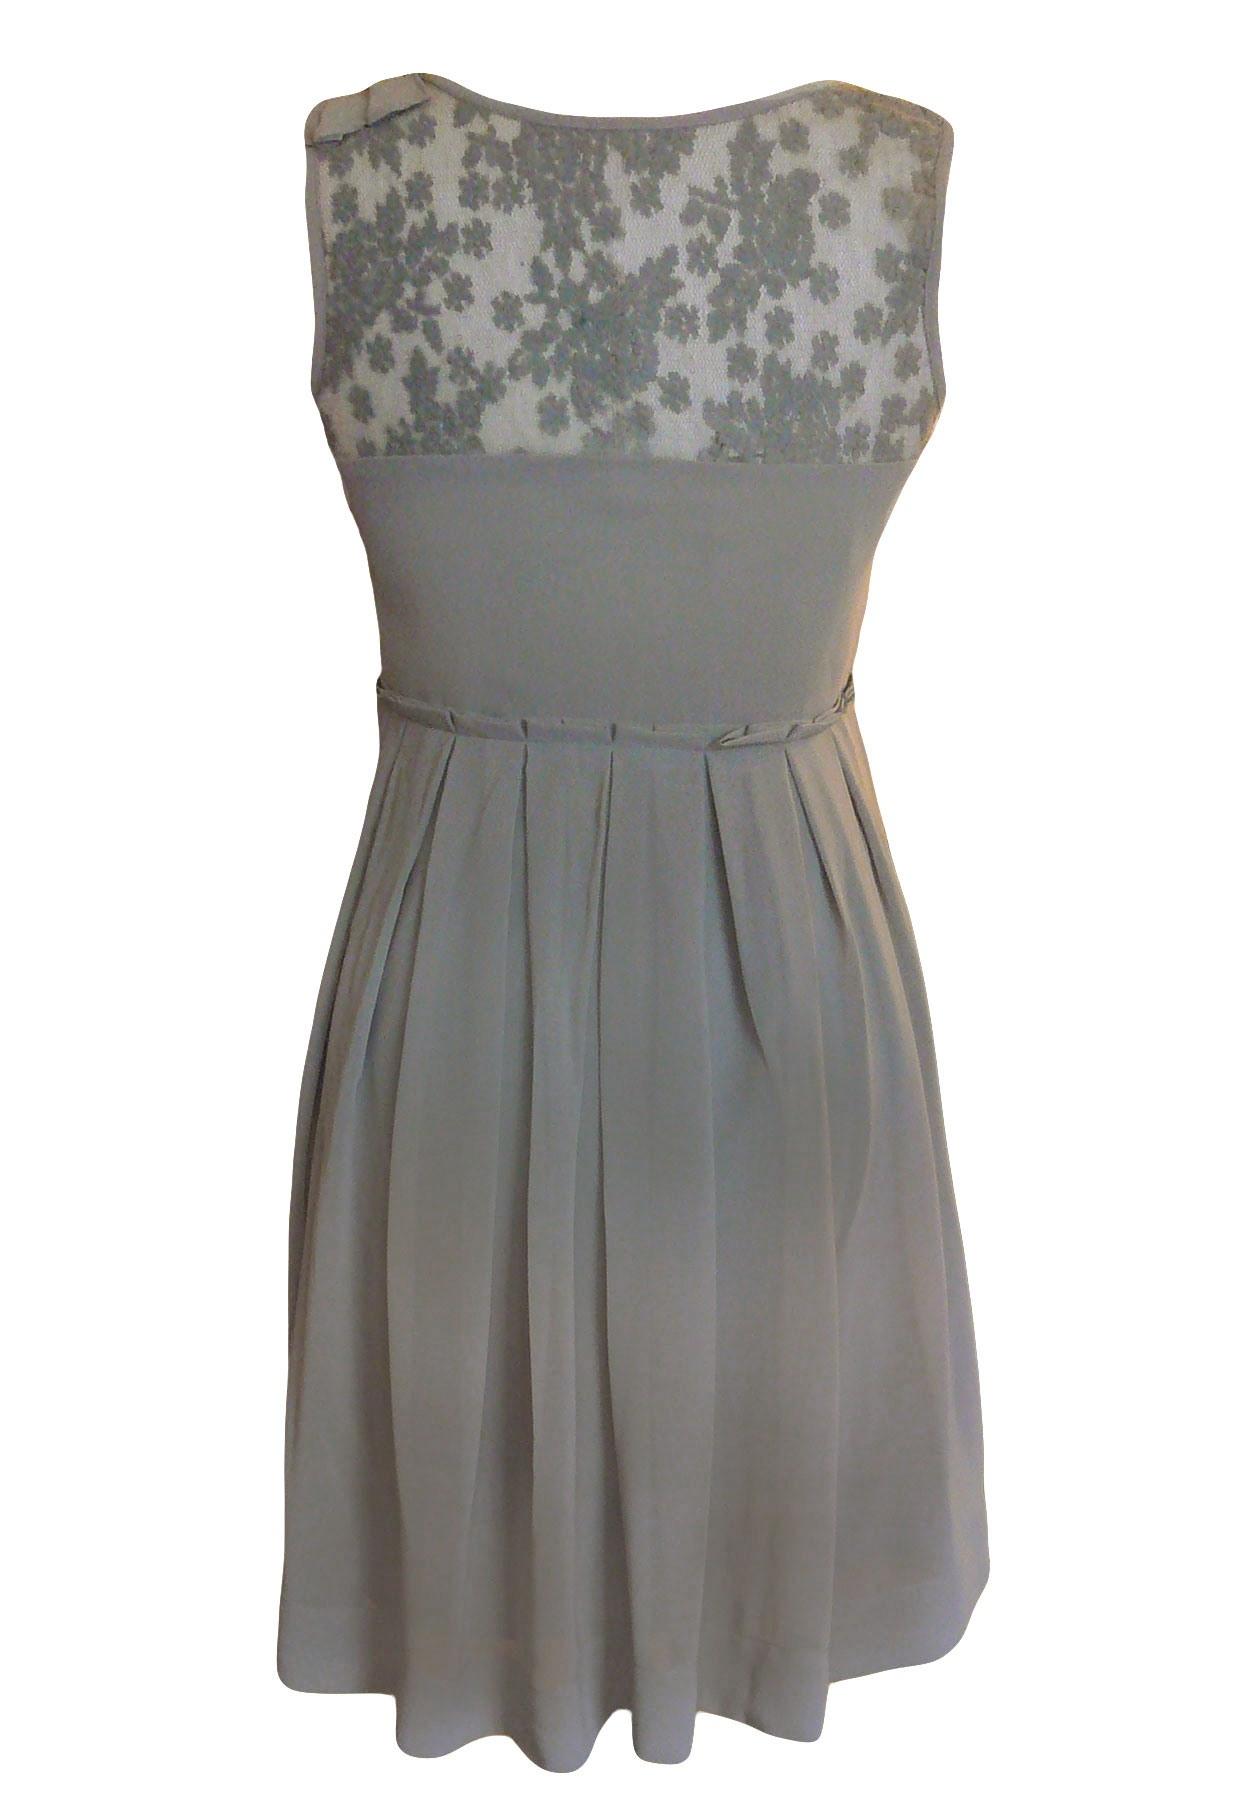 Formal Schön Kleid Grau Spitze Stylish Schön Kleid Grau Spitze Stylish